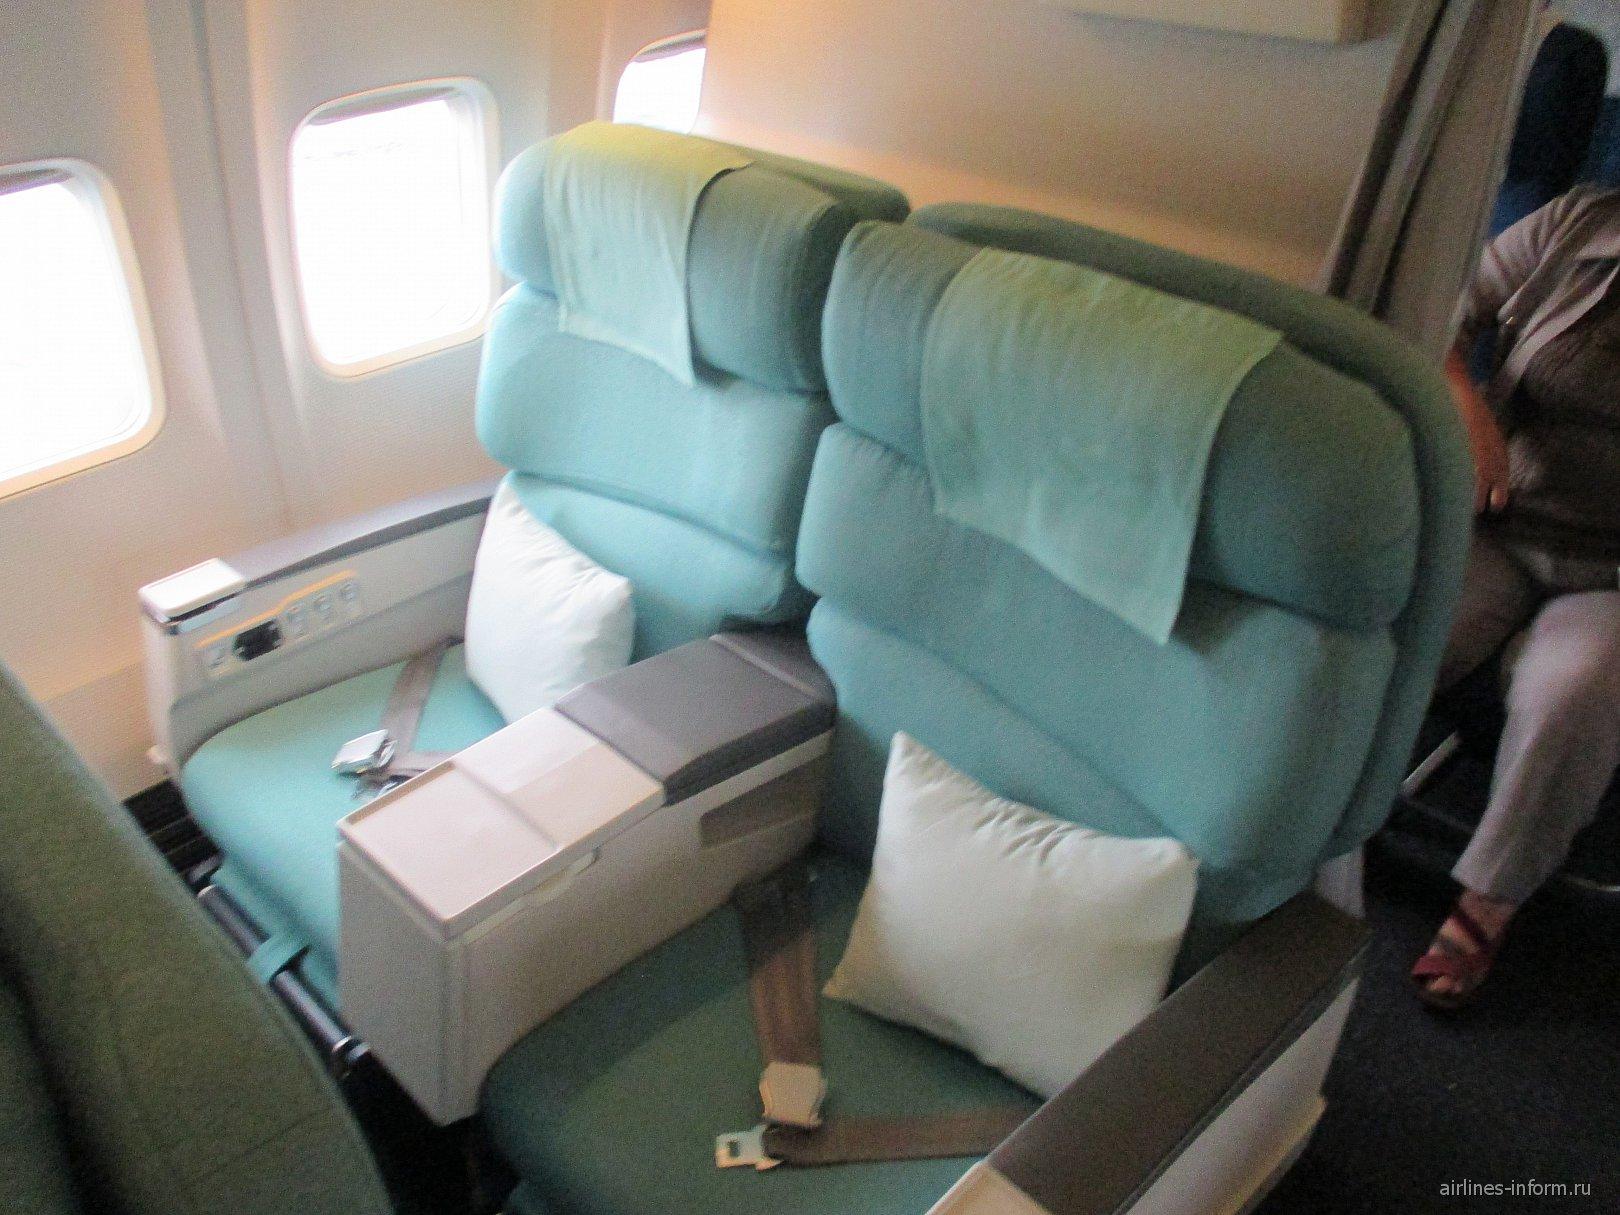 Кресла бизнес-класса в самолете Боинг-737-900 авиакомпании Korean Air